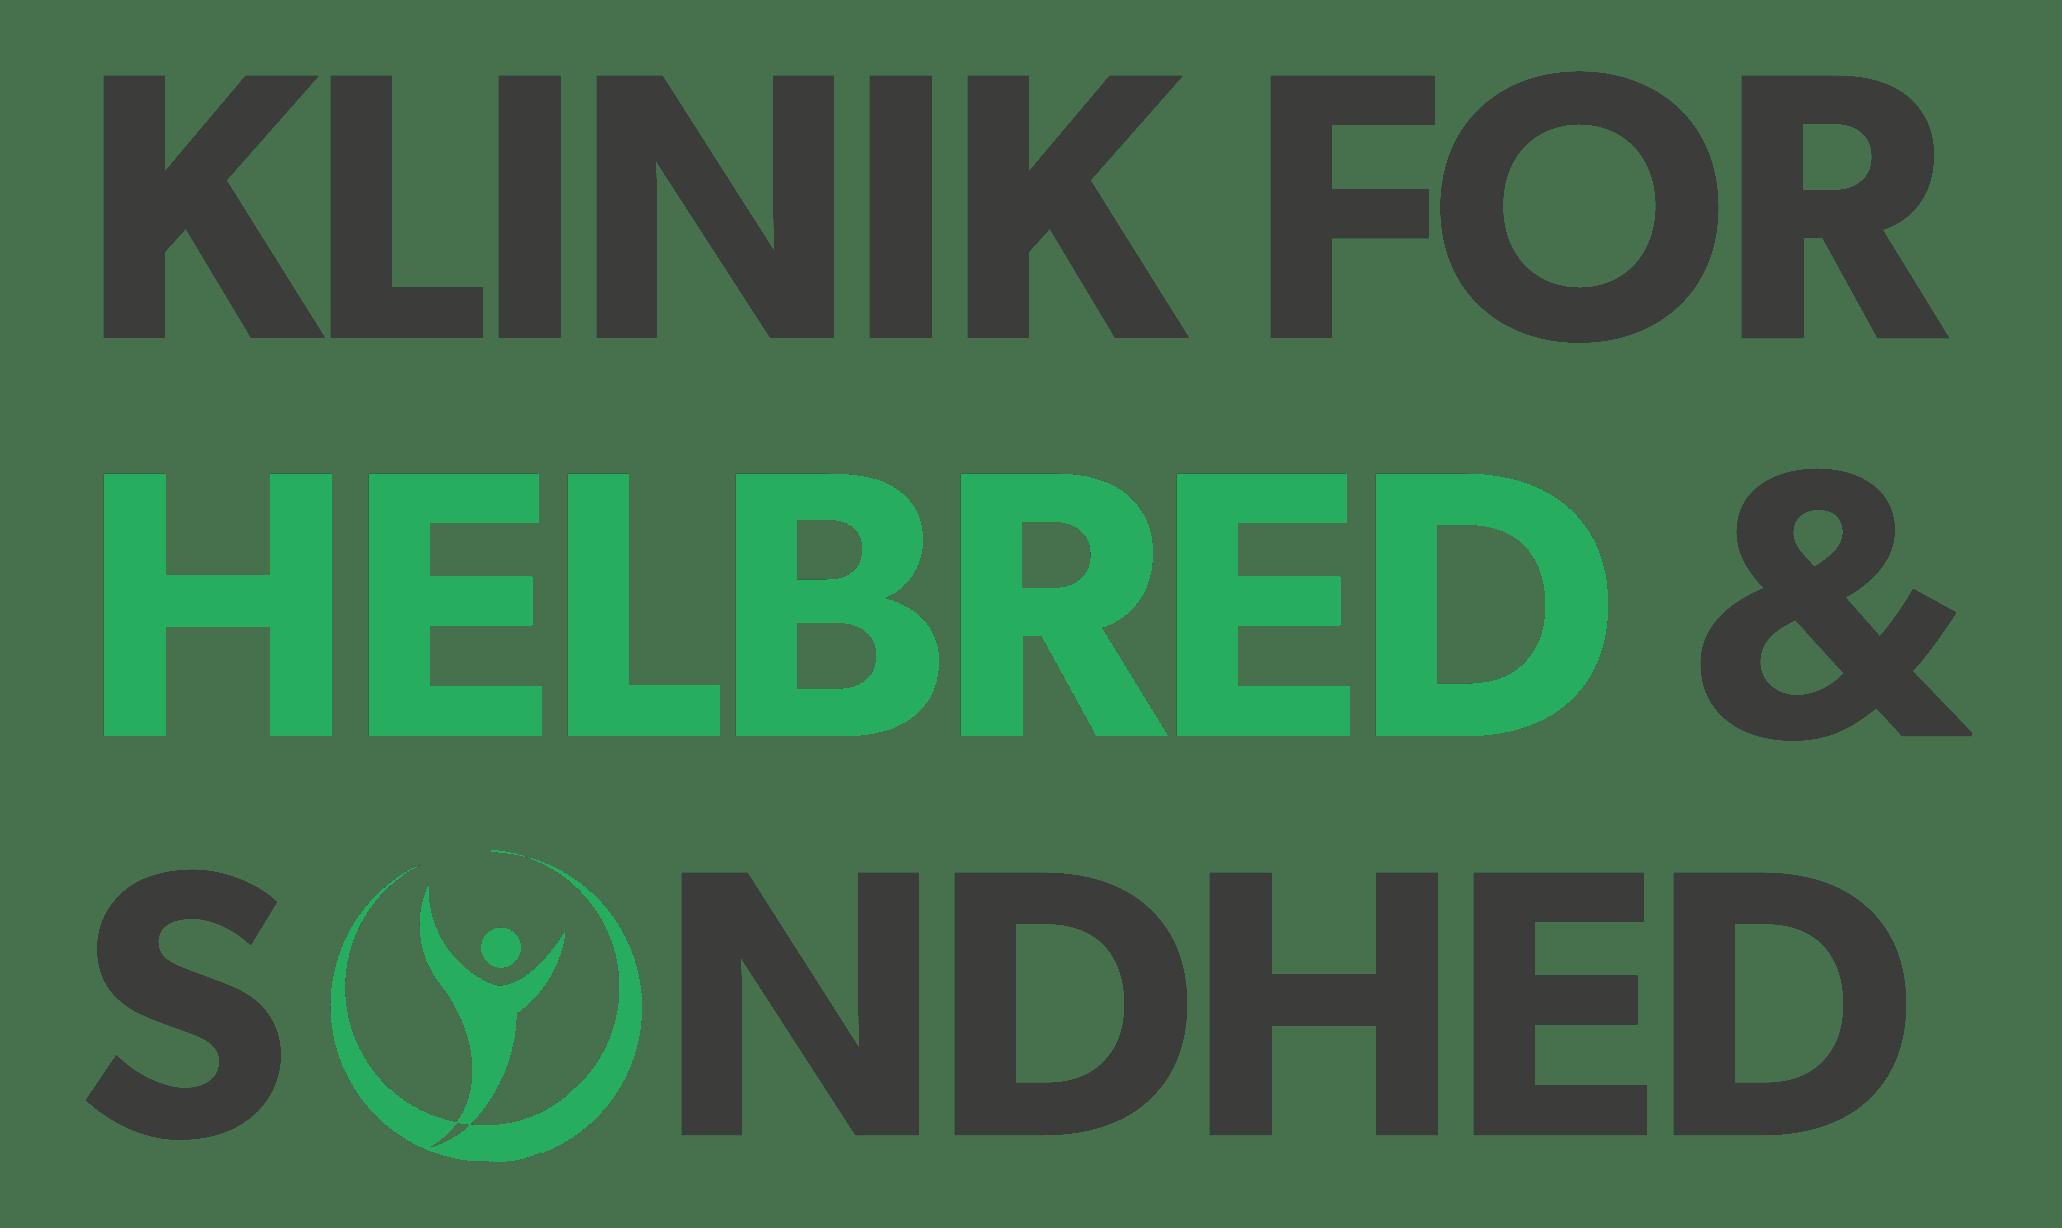 Klinisk diætist – Klinik for Helbred og Sundhed